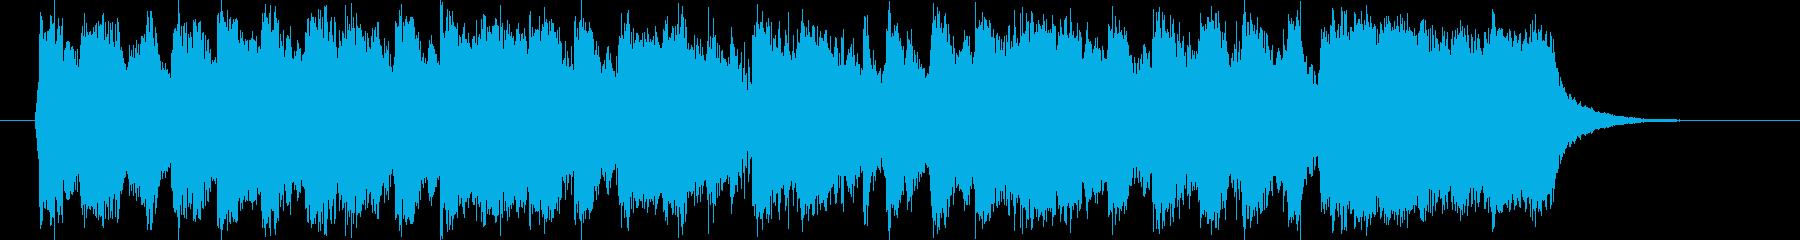 豪華で勢いのあるシンセオルガンサウンドの再生済みの波形